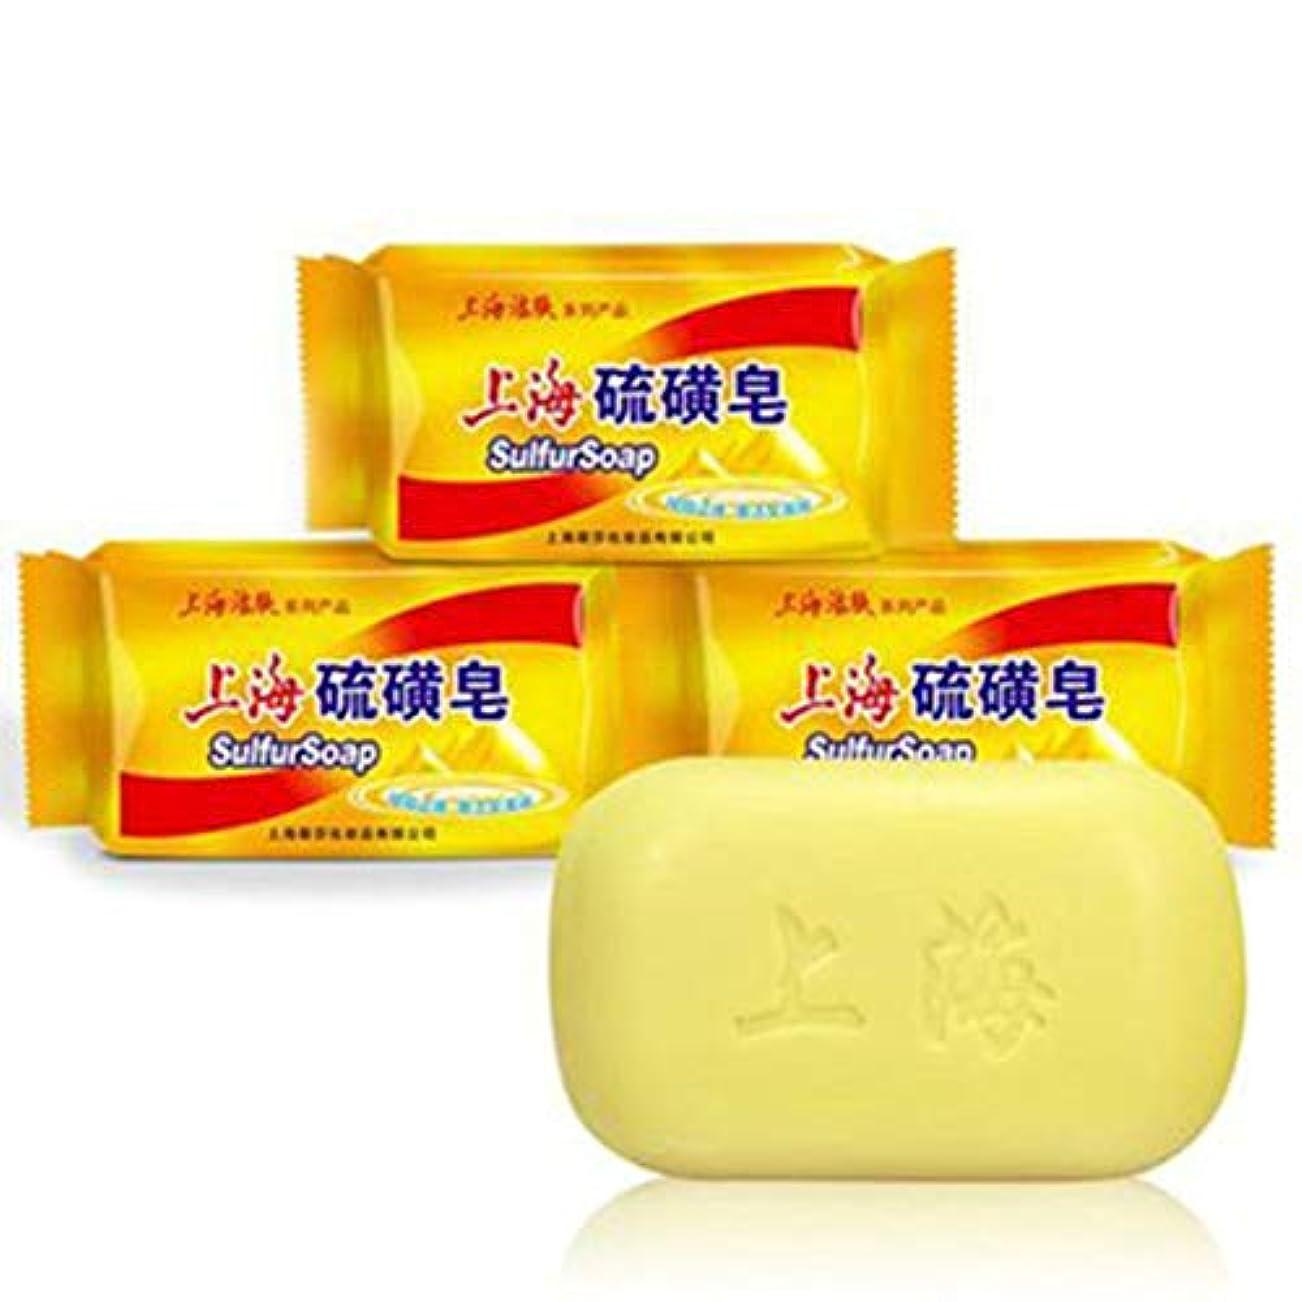 間接的舞い上がる甘美な石鹸、ダニ石鹸入浴ユニセックス(3パック)に上海硫黄石鹸コントロールオイルフケ